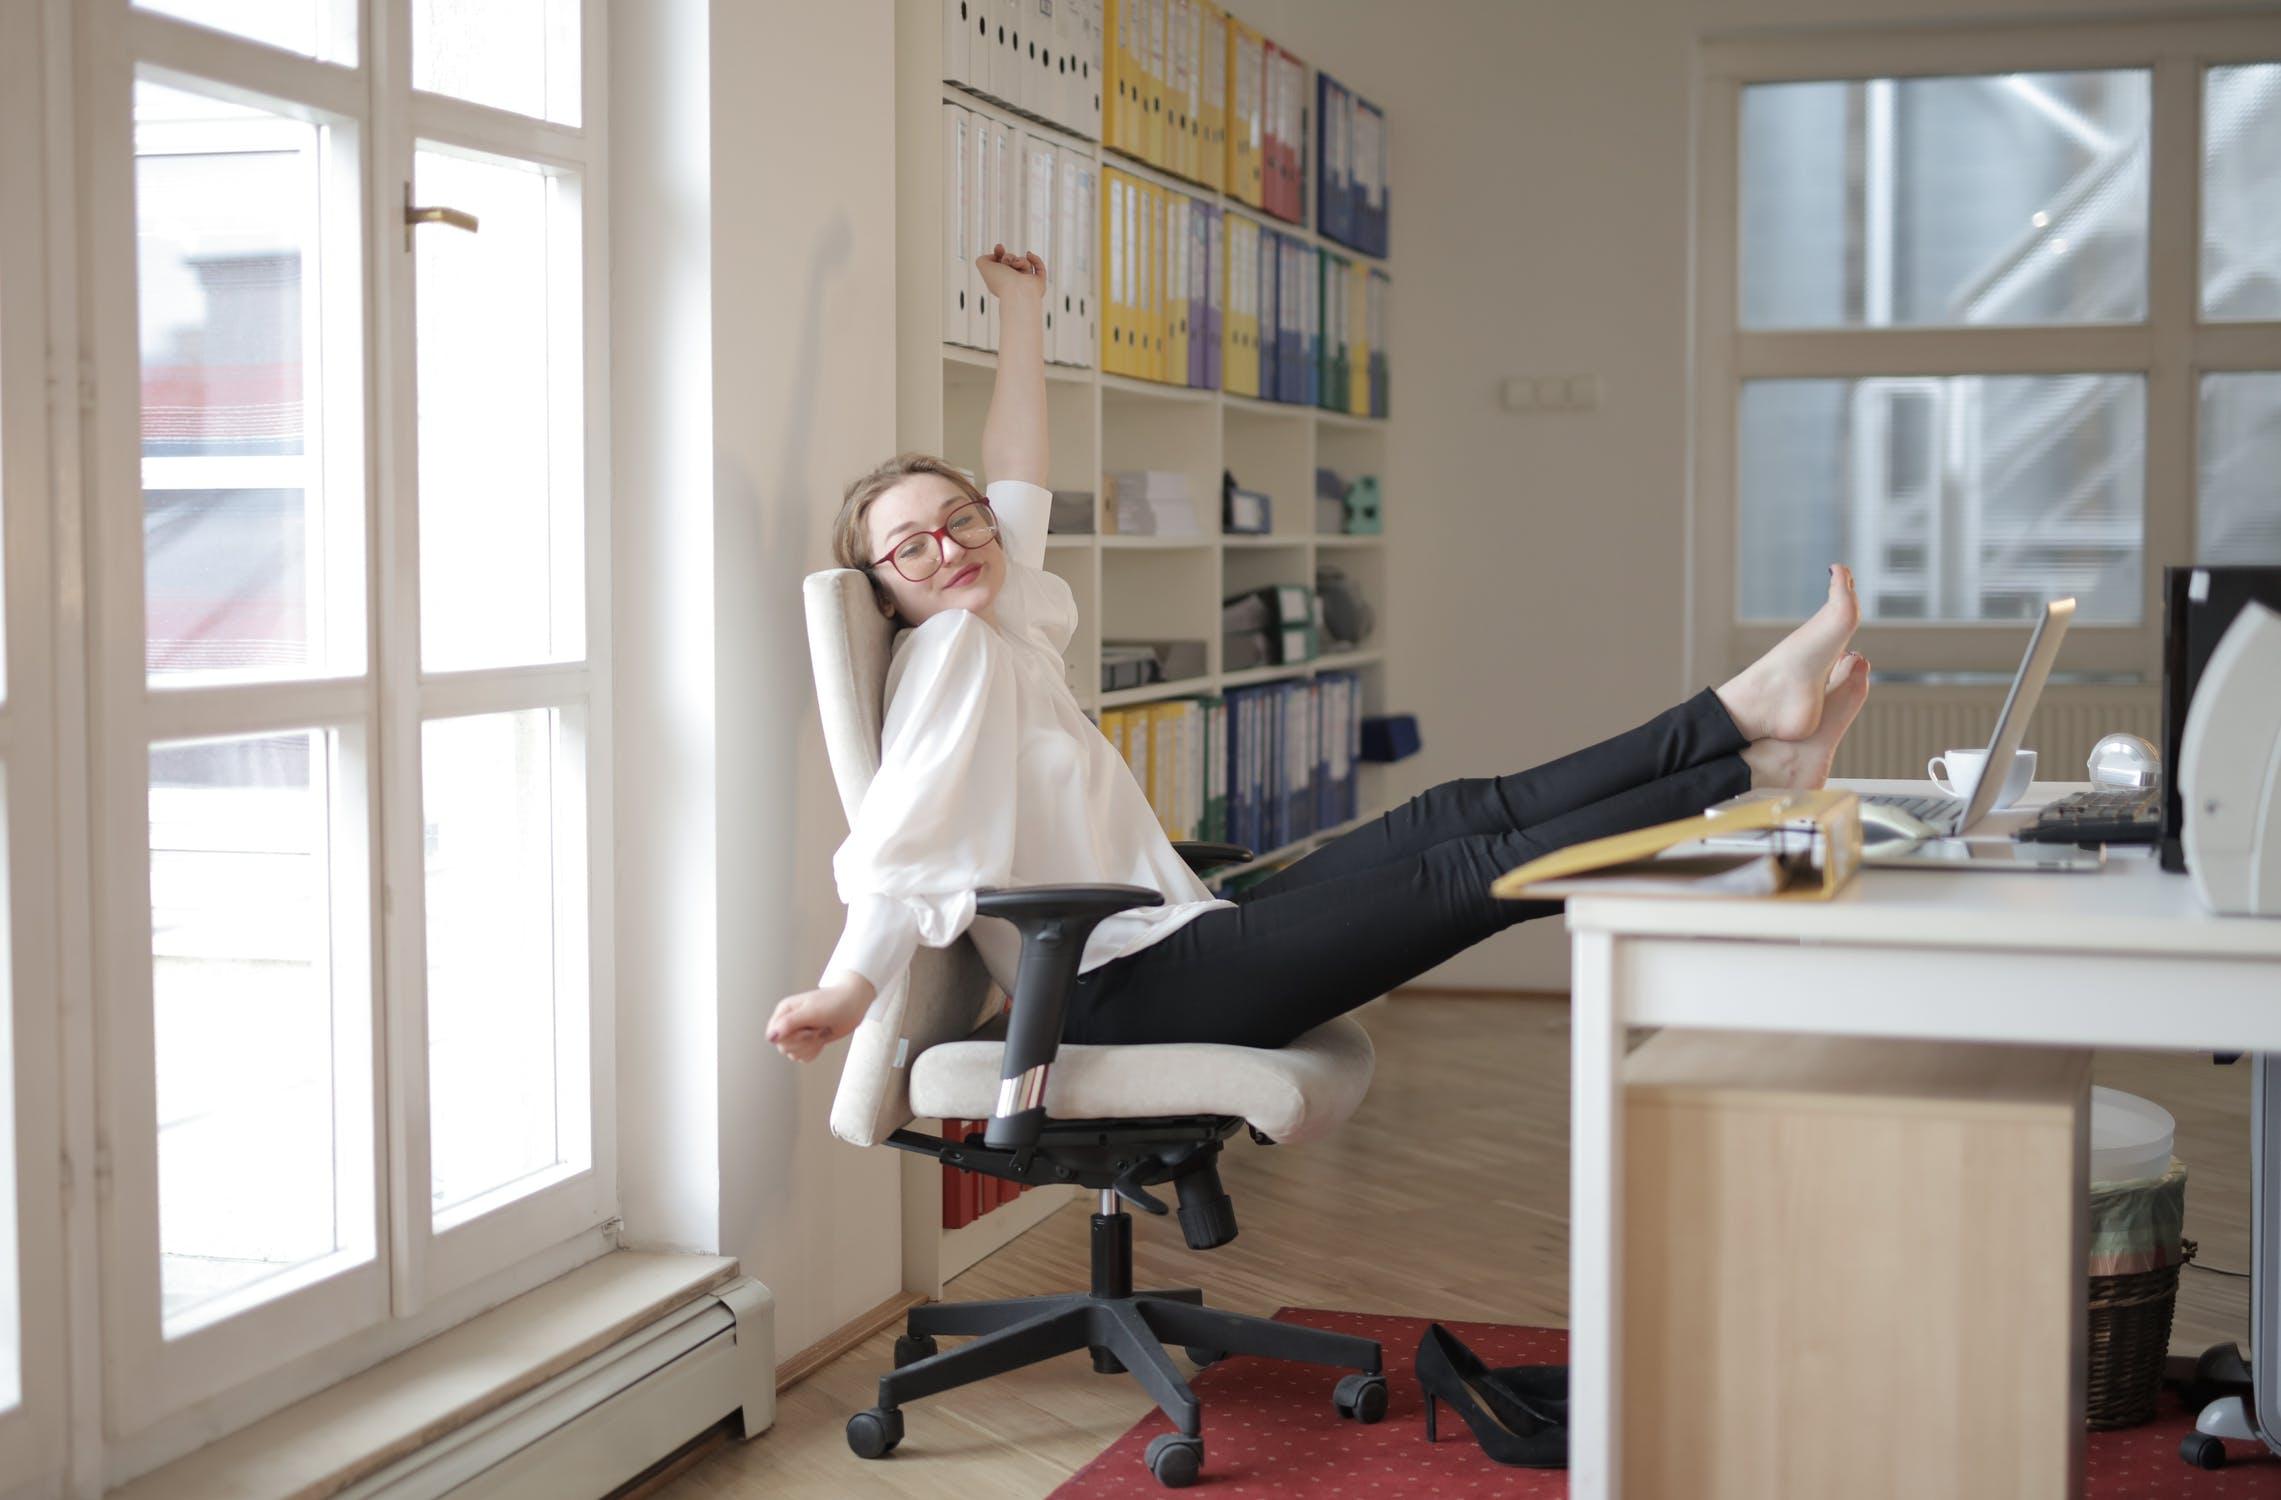 Buero mit Fensterlueftung - Kühlung im Büro nachrüsten